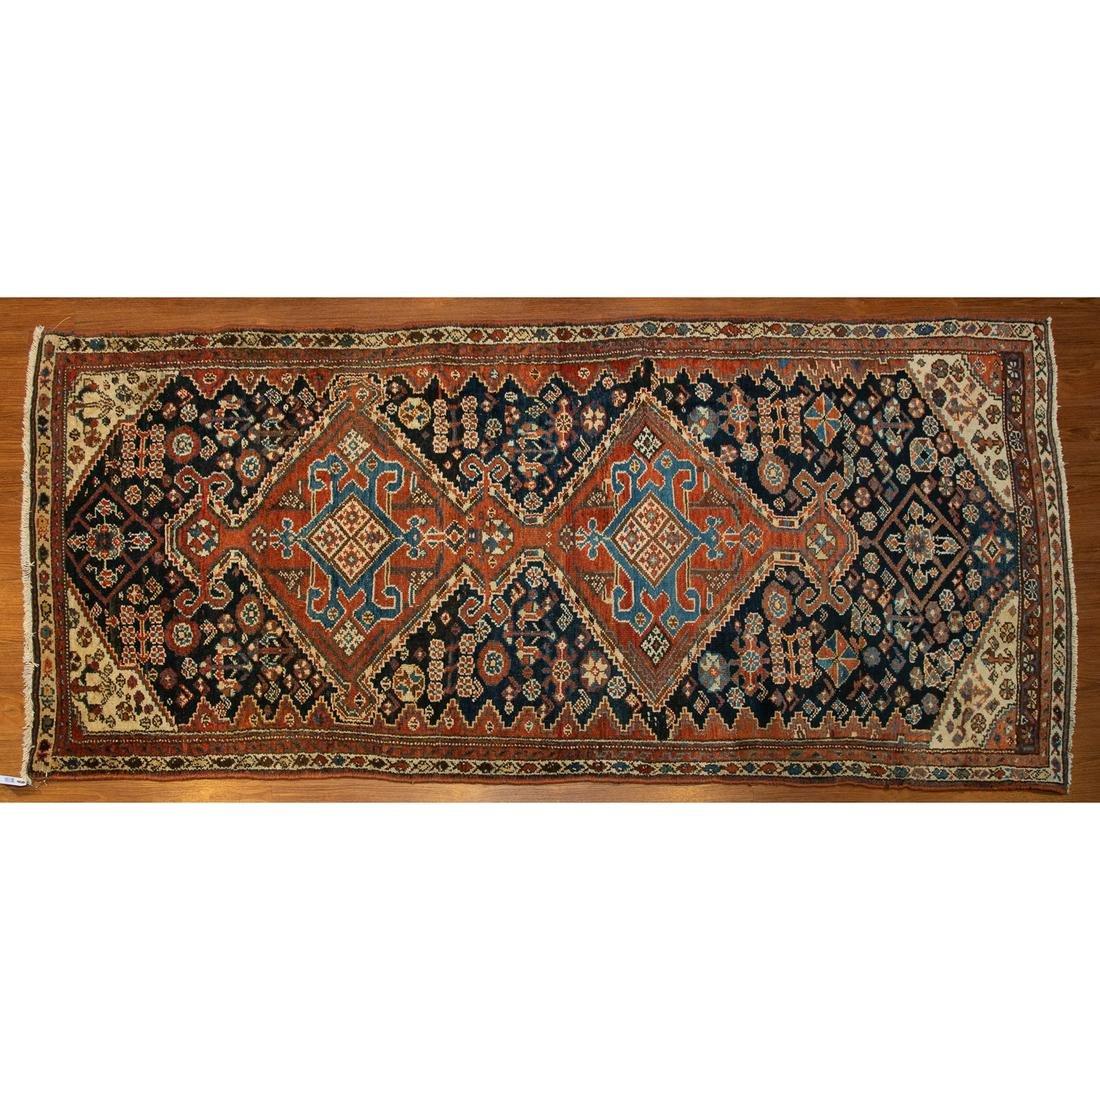 Semi-Antique Bakhtiari, 6.8 x 4.3